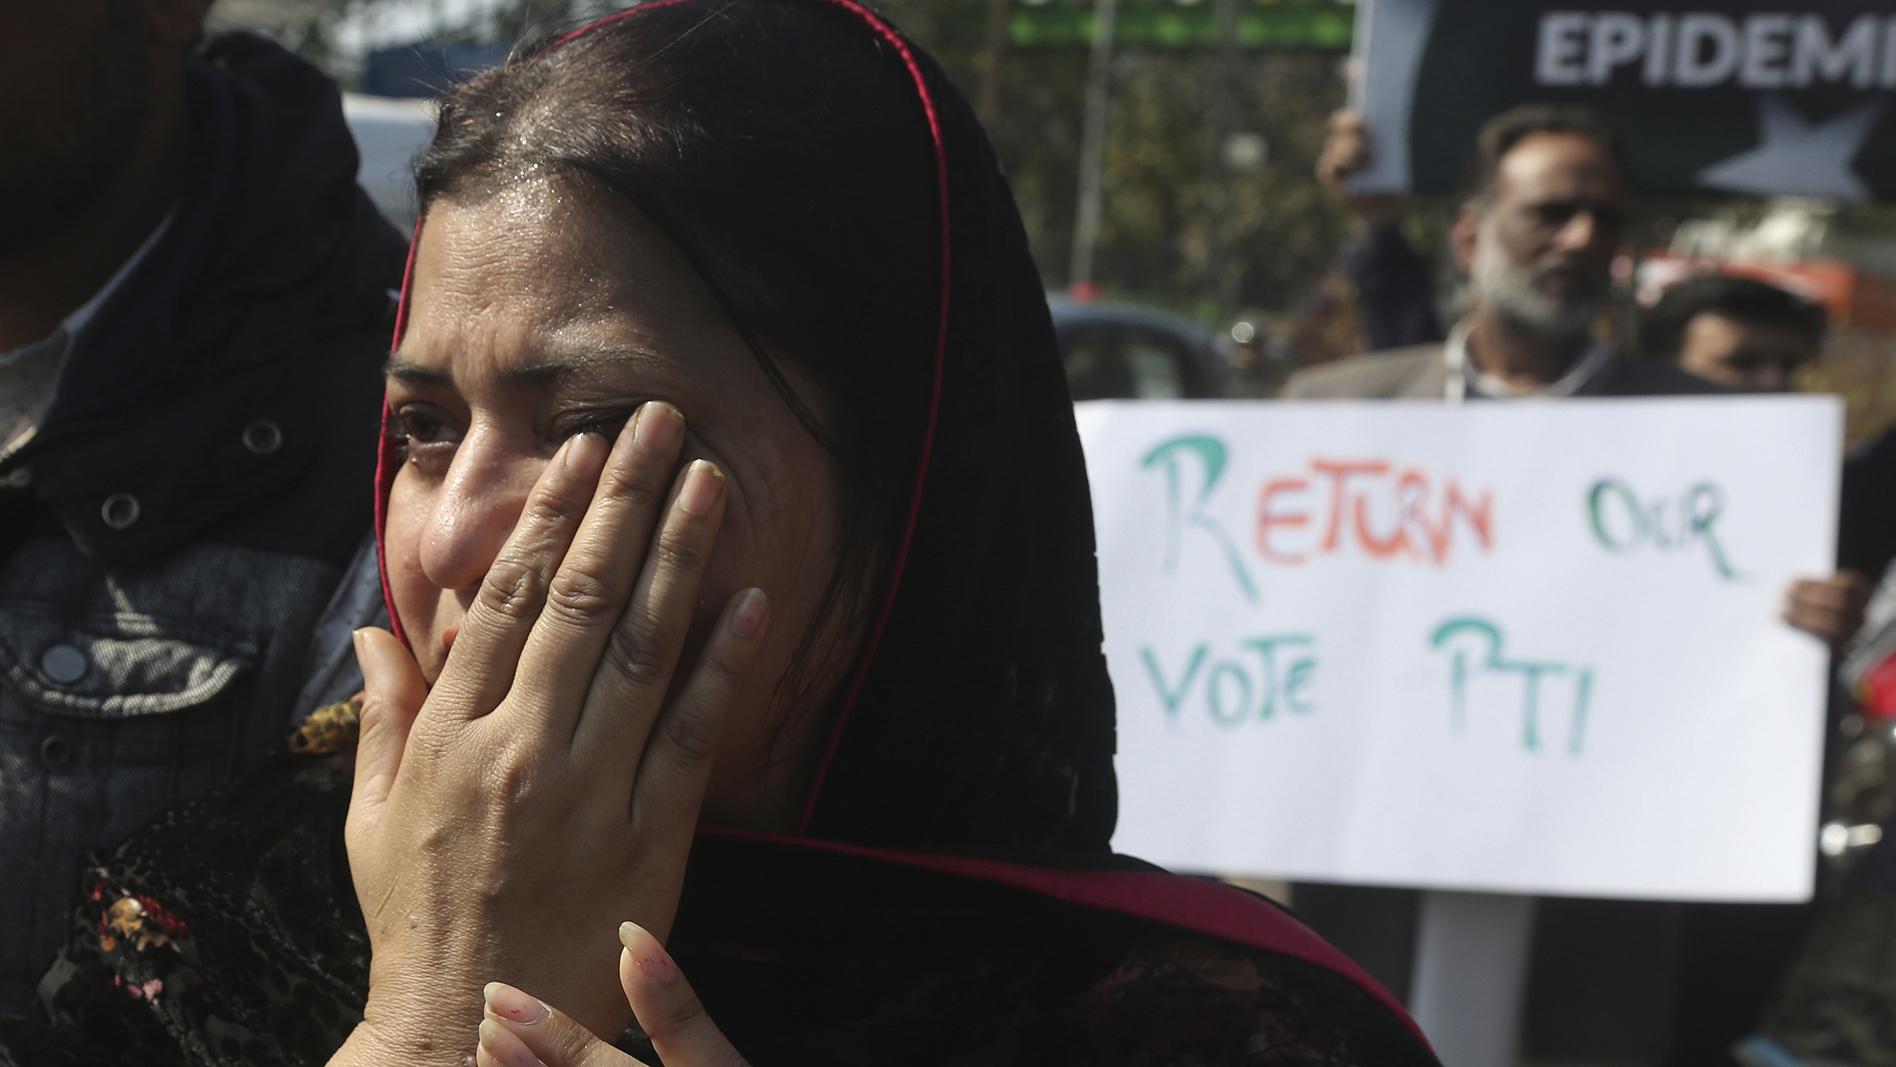 2020年2月13日,有家人在武汉的巴基斯坦人在中国大使馆前抗议,要求家人能够离开武汉。(美联社)